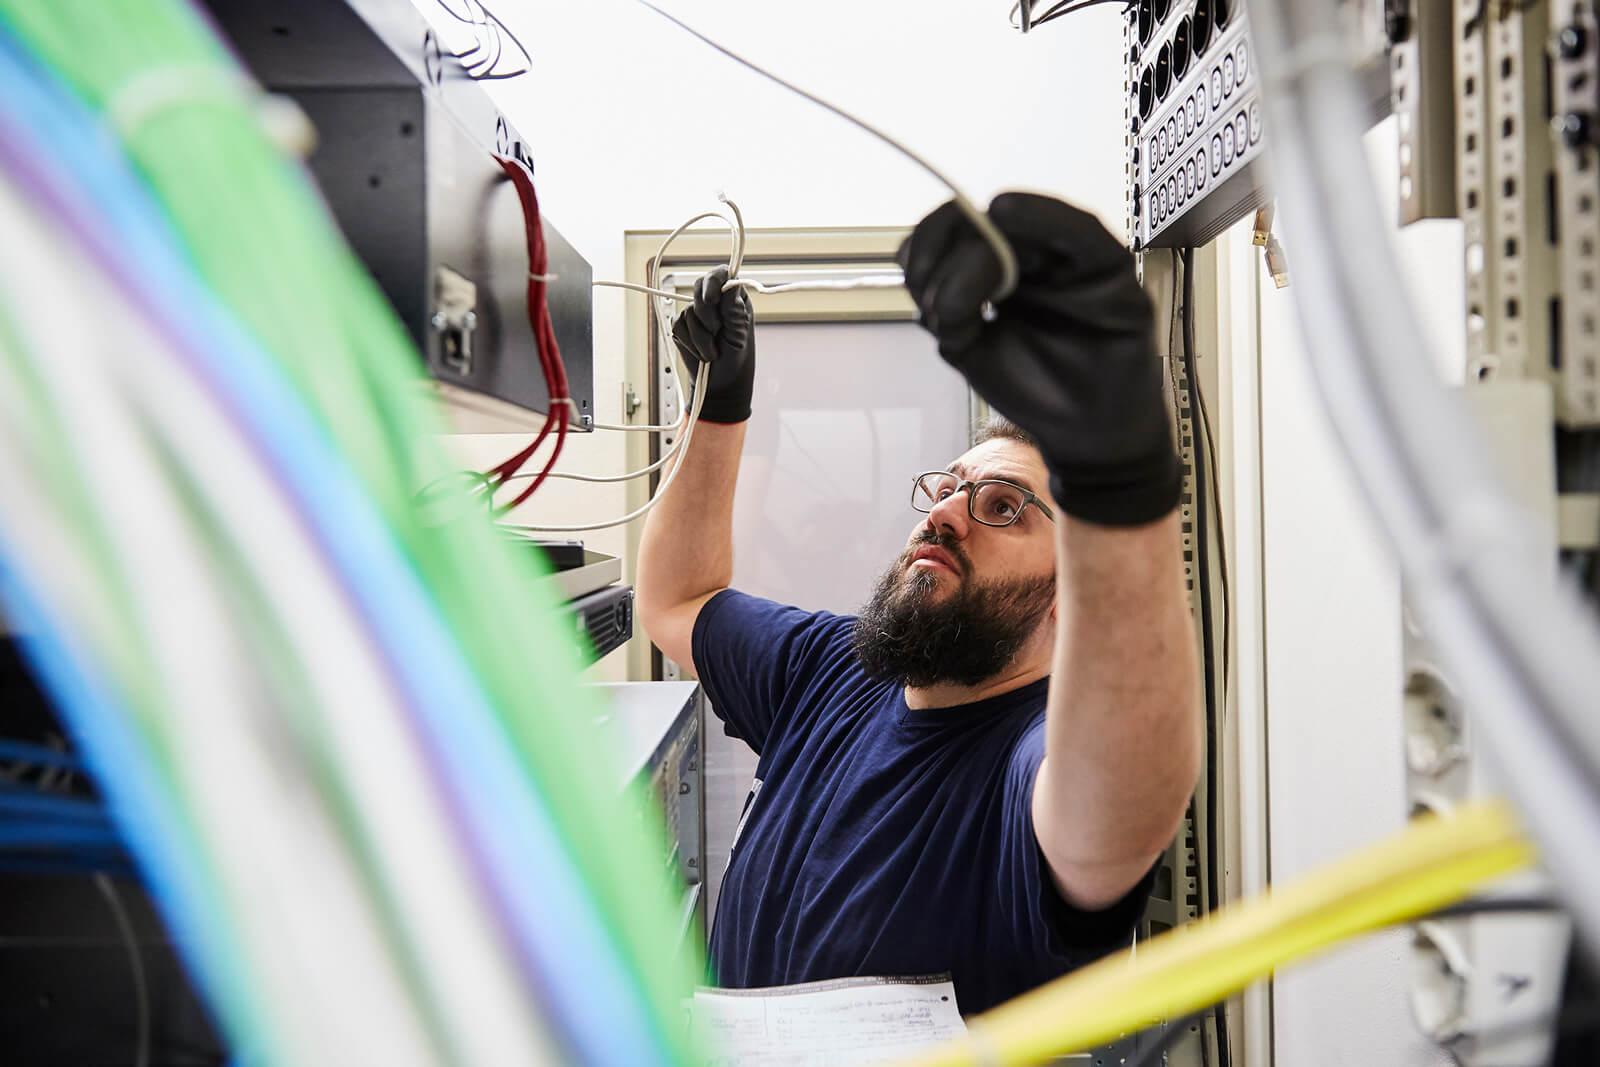 Servizi per le aziende: assistenza e riparazione dispositivi